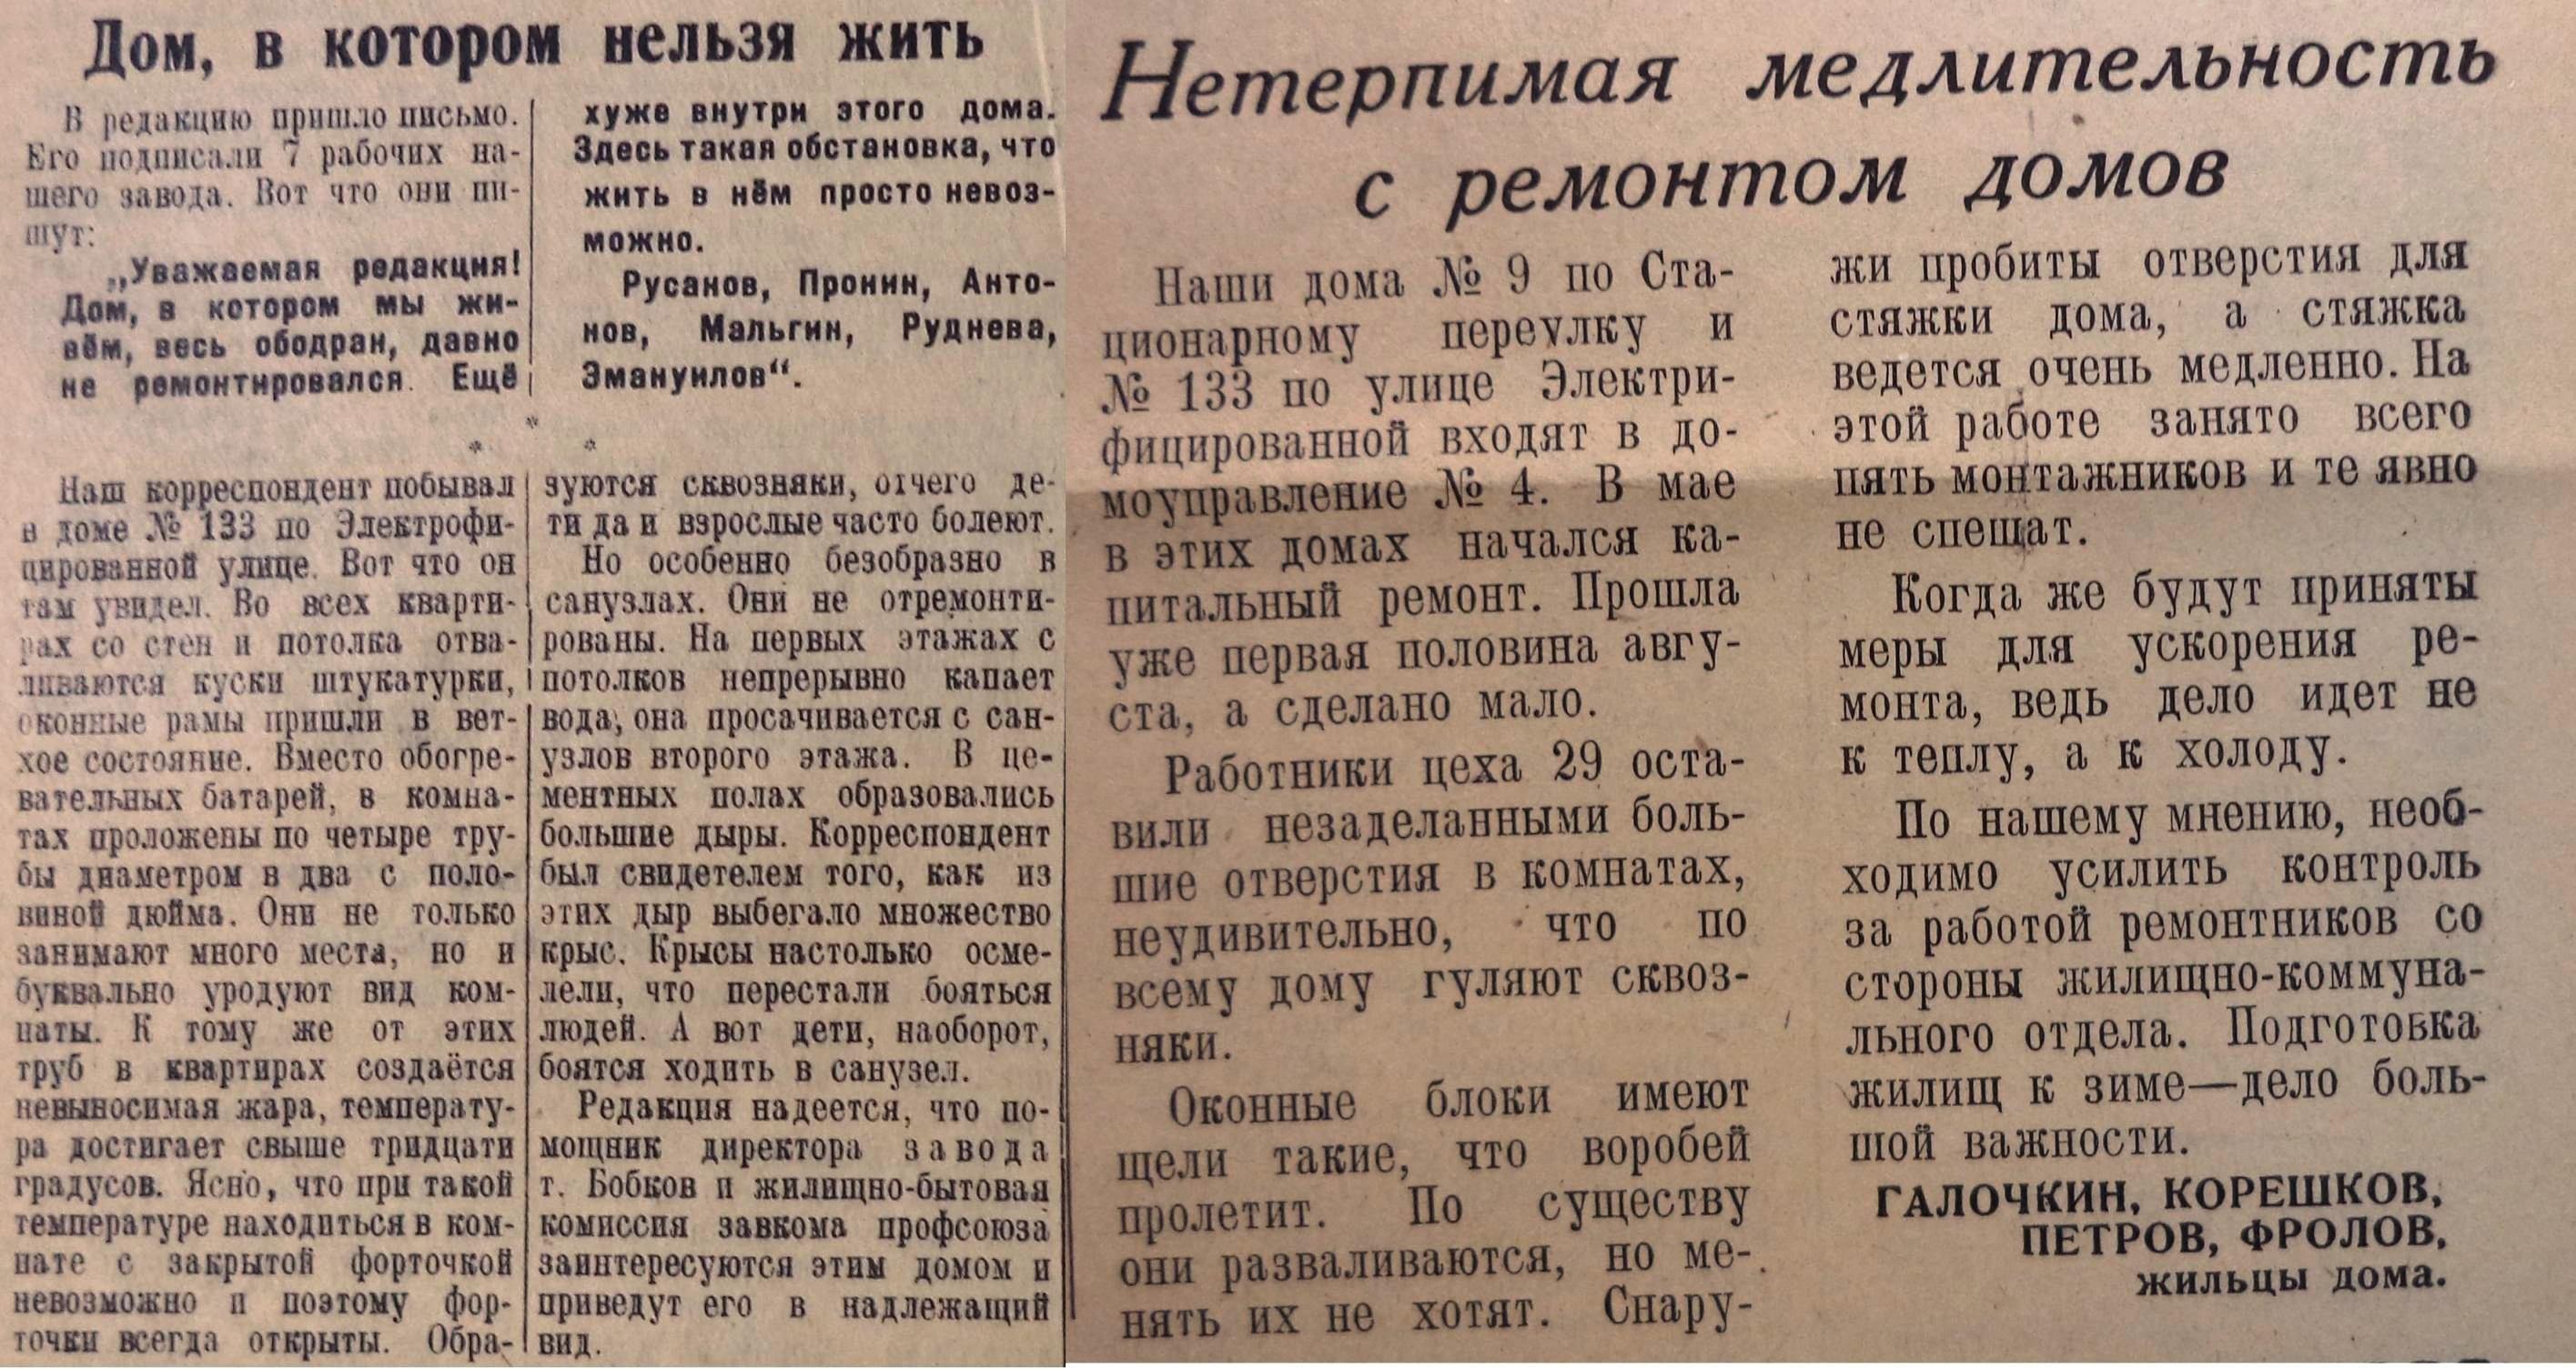 Стар-Стац-ФОТО-33-За ударные темпы-1962-21 февраля-Y-min